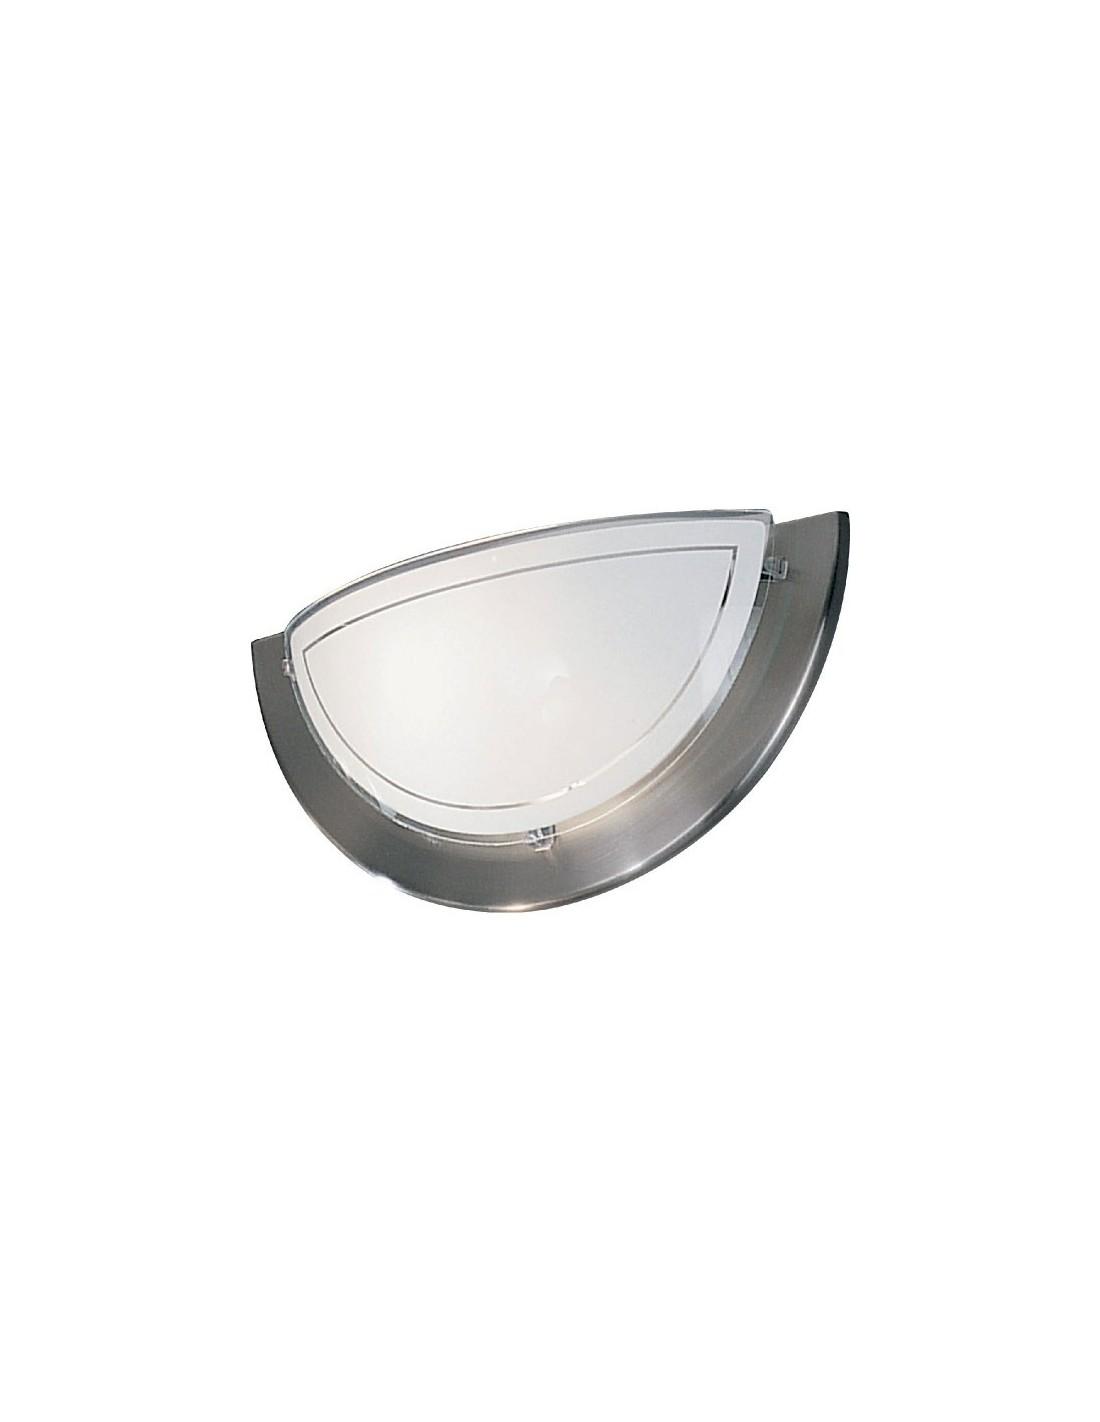 applique metal verre nickel applique metal verre nickel. Black Bedroom Furniture Sets. Home Design Ideas